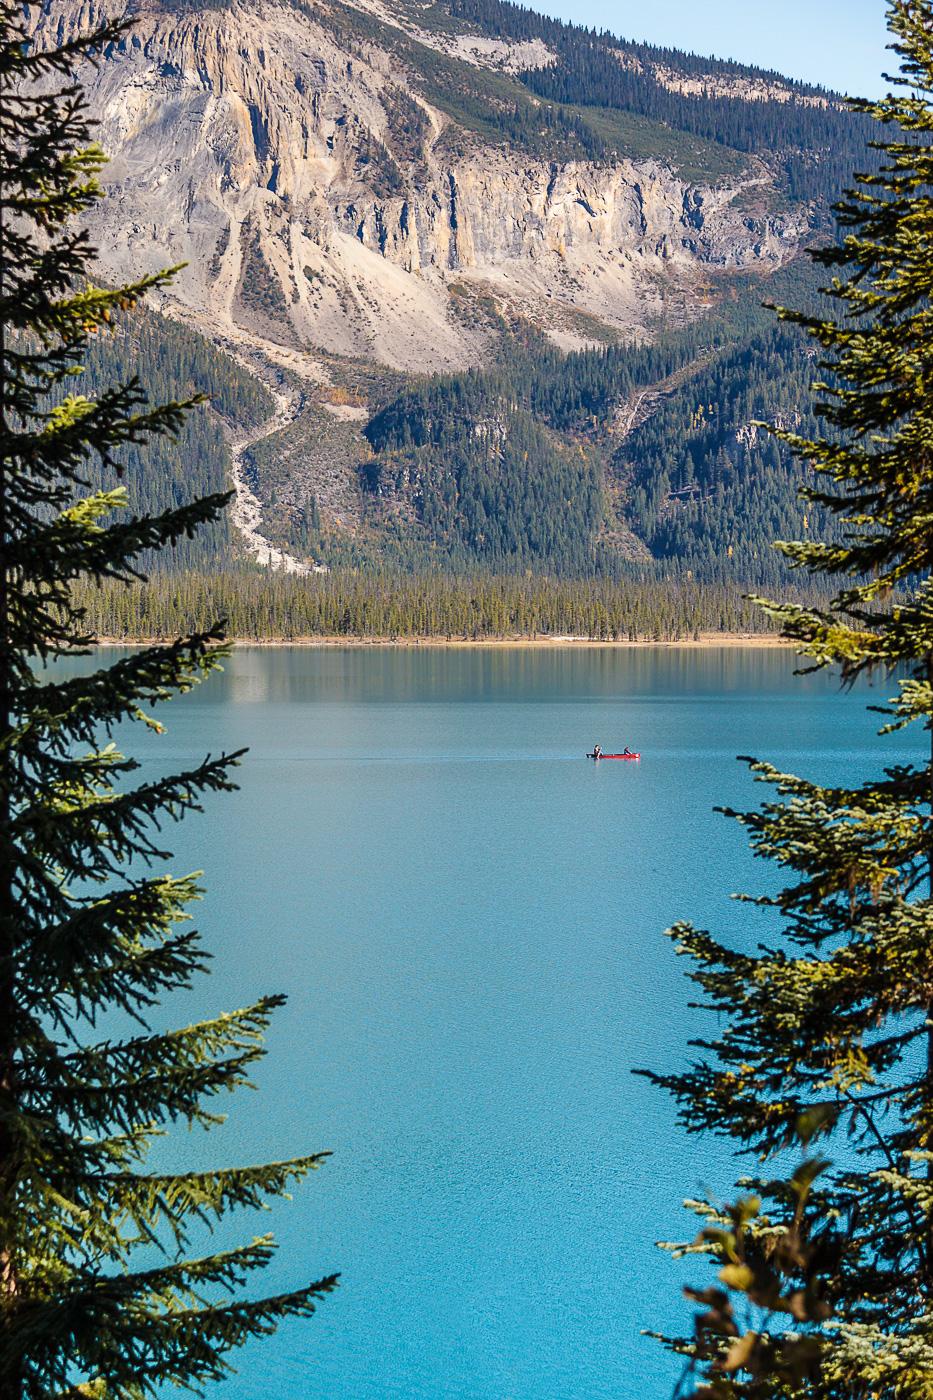 Emerald Lake among trees - Paisatges de Nord-Amèrica - Raül Carmona - Fotografia, Fotografia d'estudi, esdeveniments i Natura